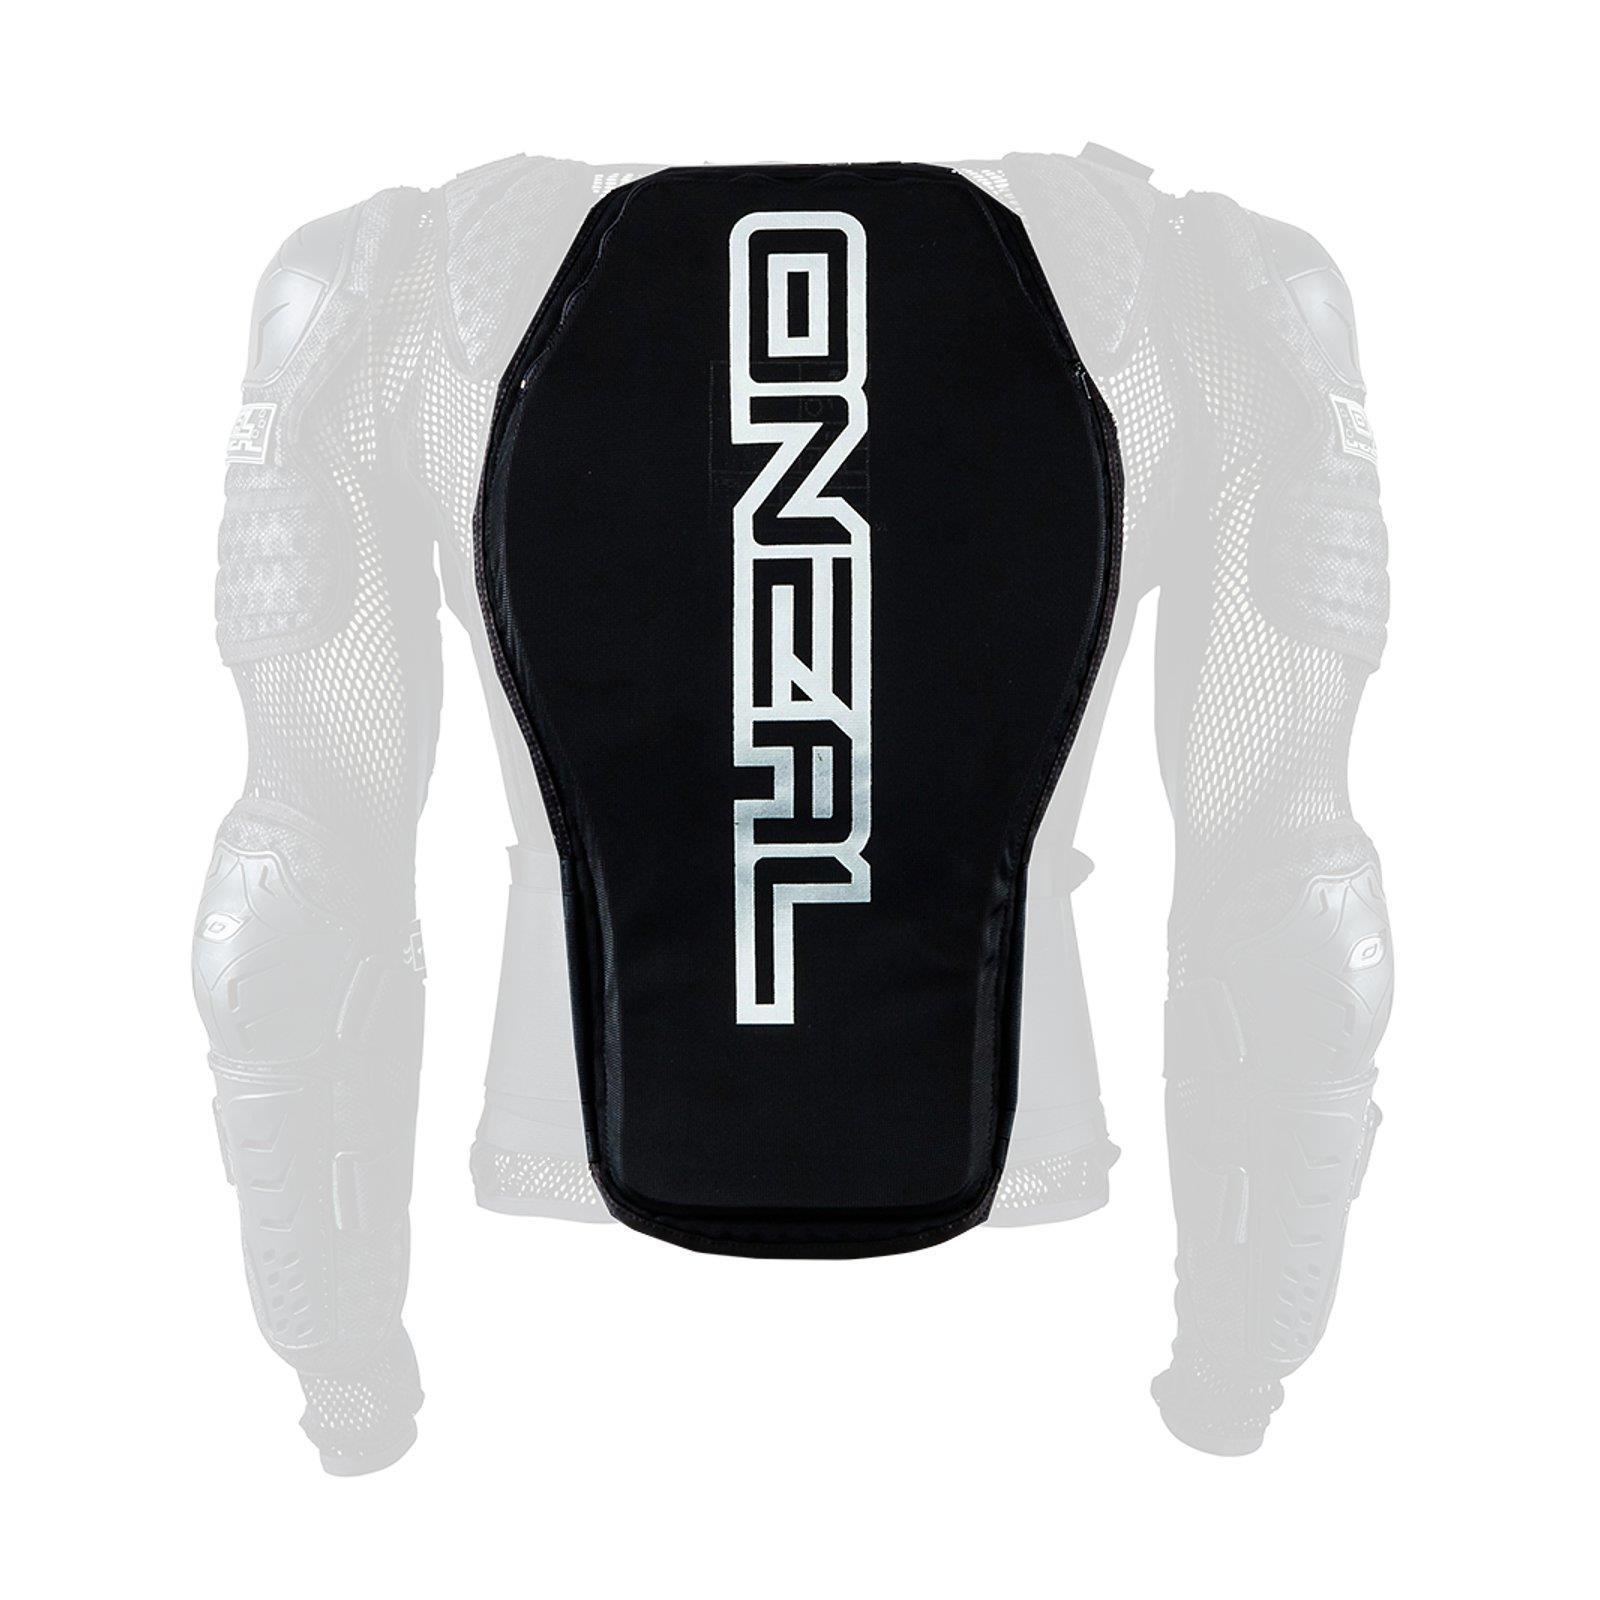 Oneal-protectores-chaqueta-pecho-tanques-chaqueta-moto-cross-FR-DH-proteccion-chaleco-MX-MTB miniatura 29